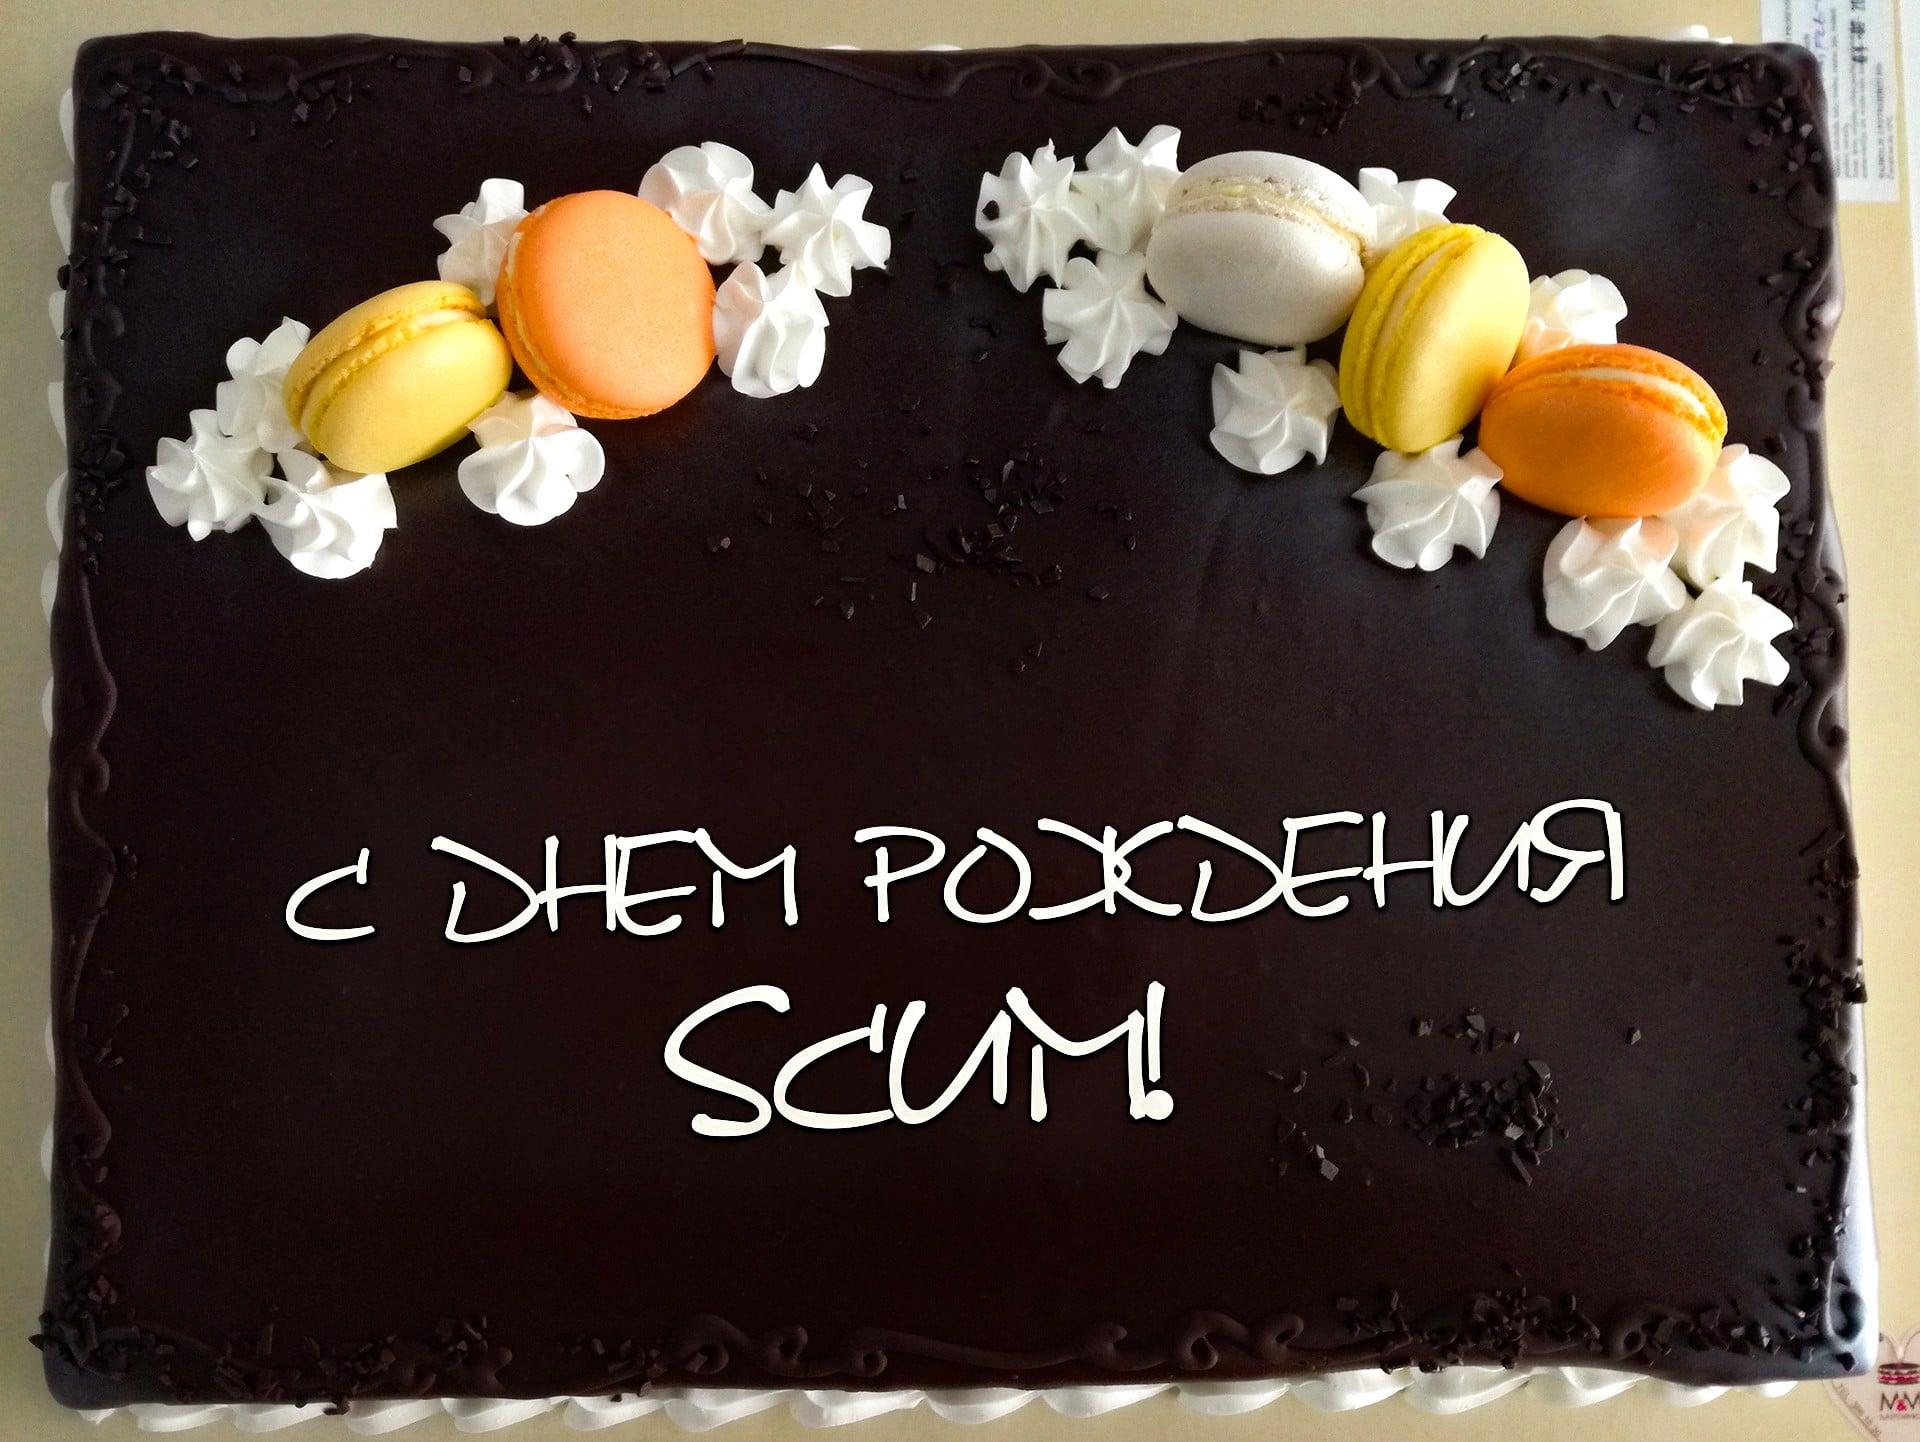 SCUM 0.2.53.16453 1